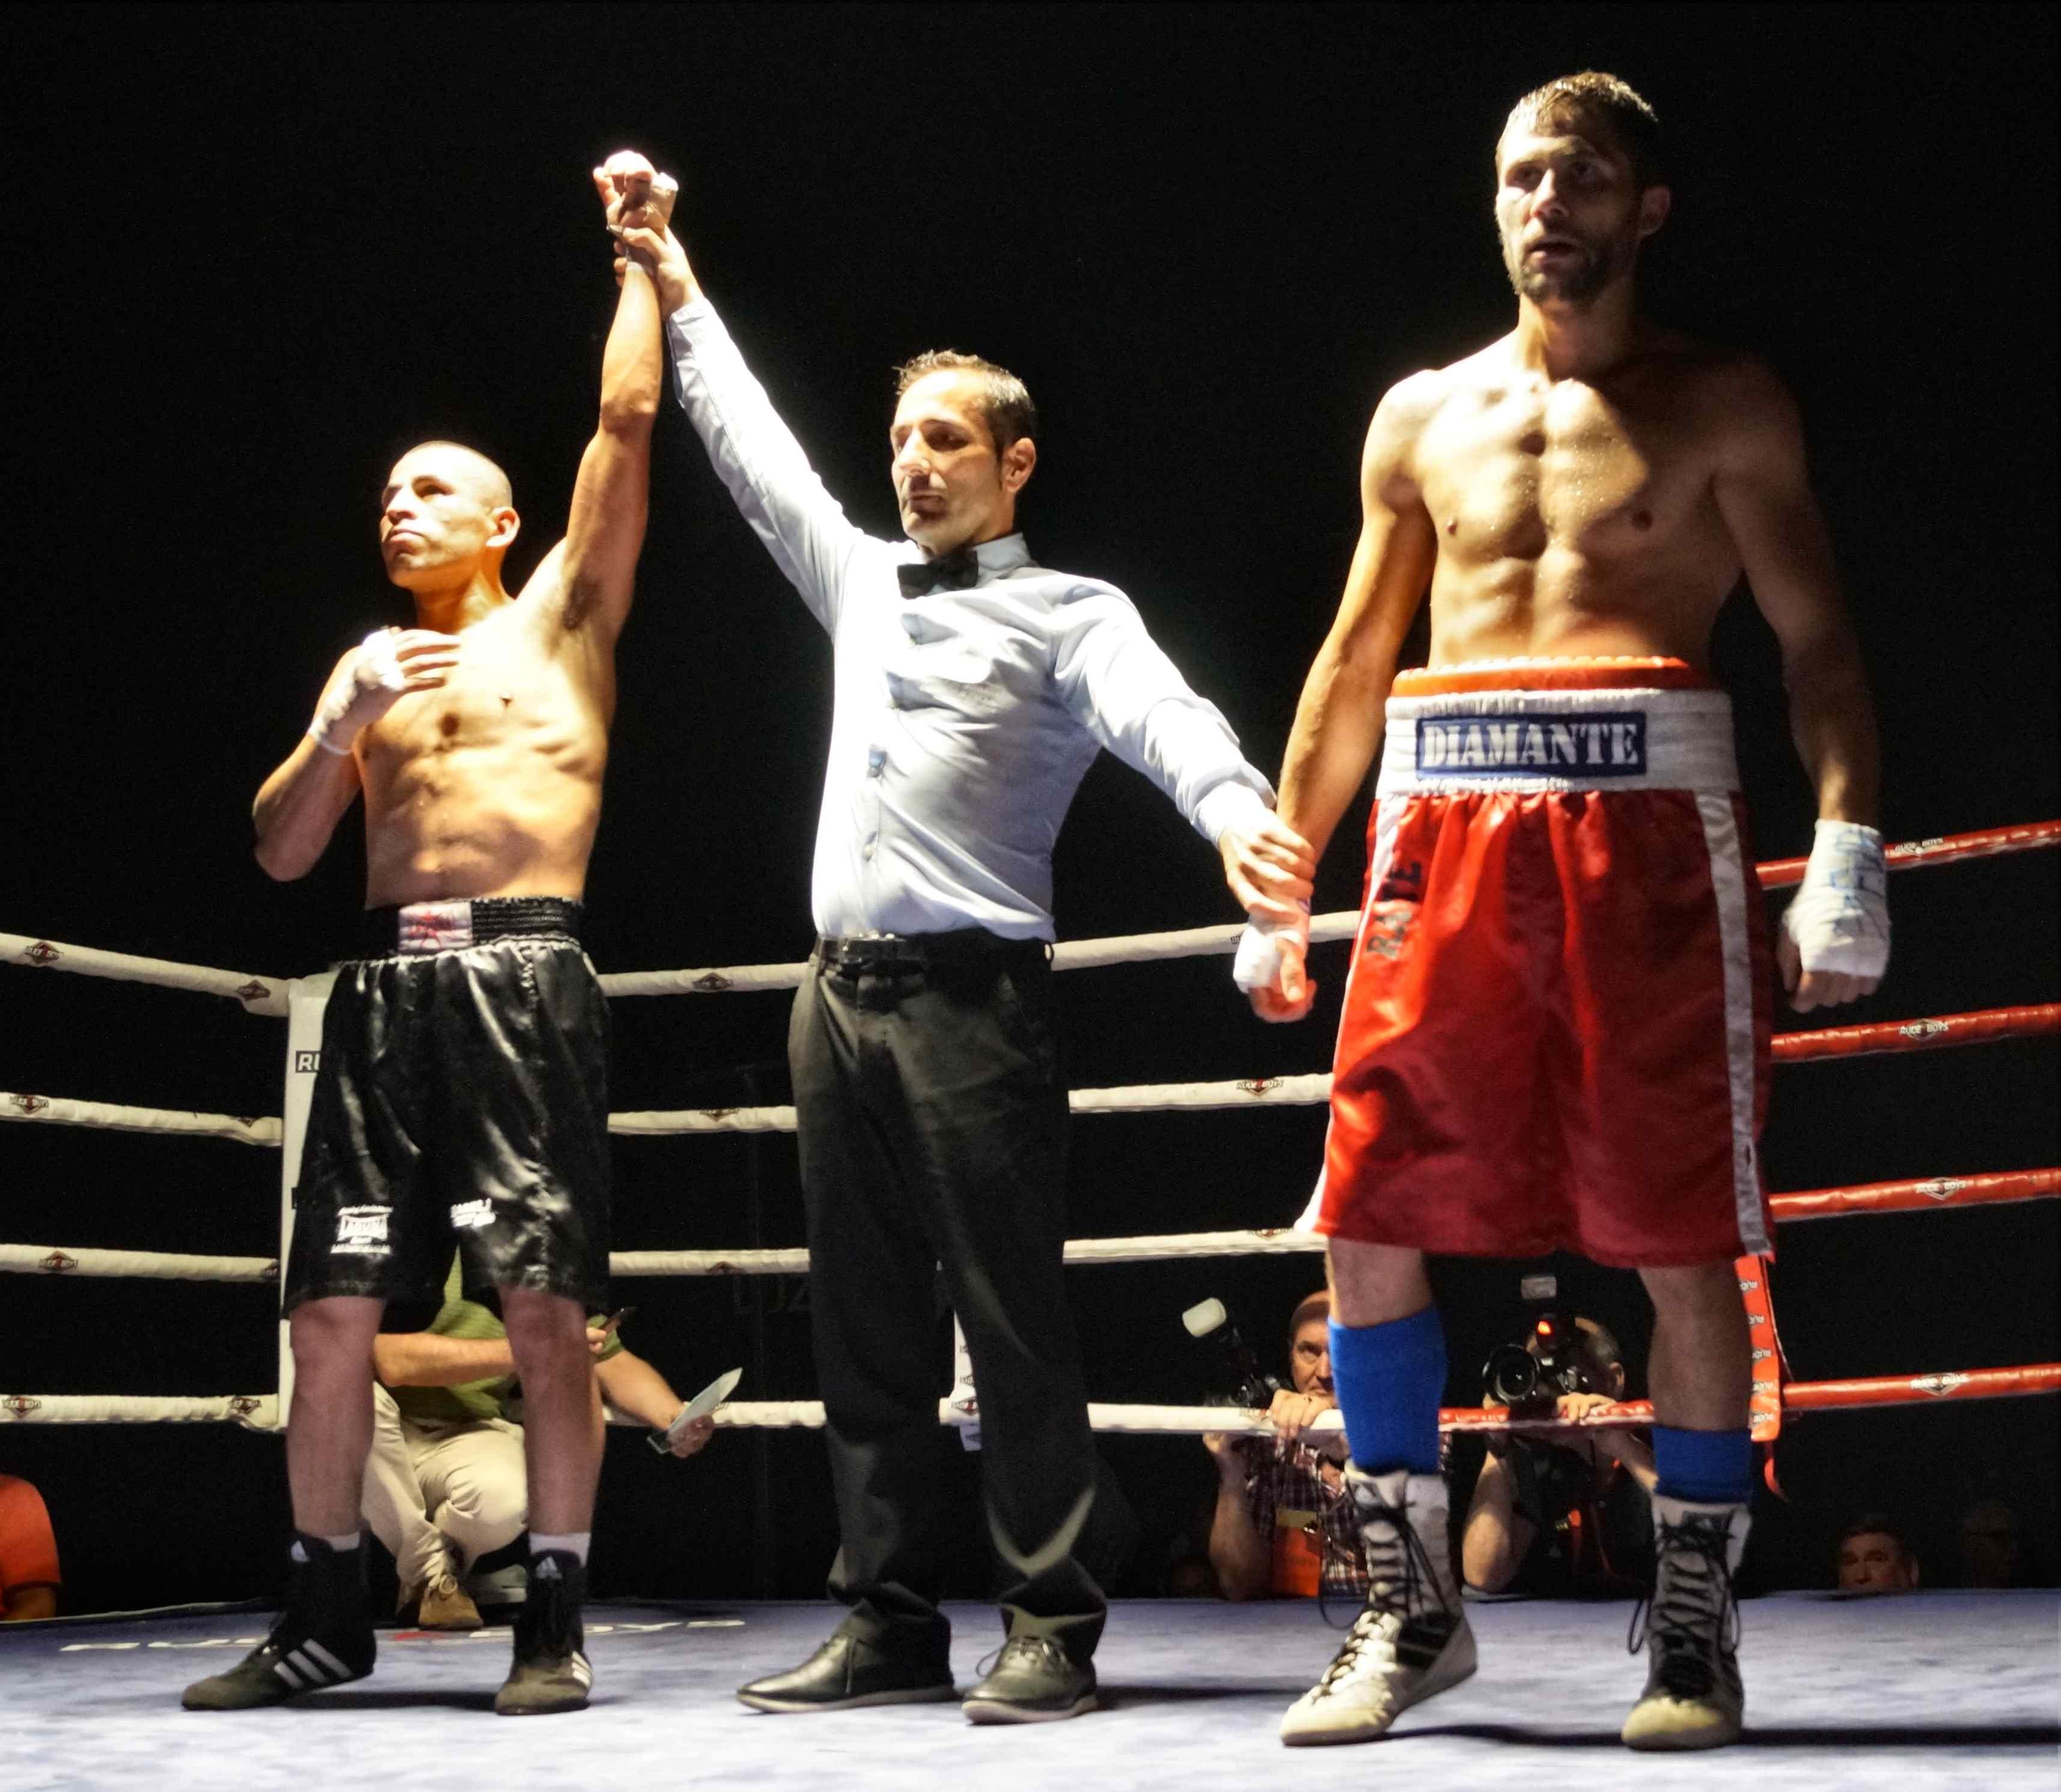 Ricardo Fernández es proclamado vendedor de su último combate este verano en Ordizia.